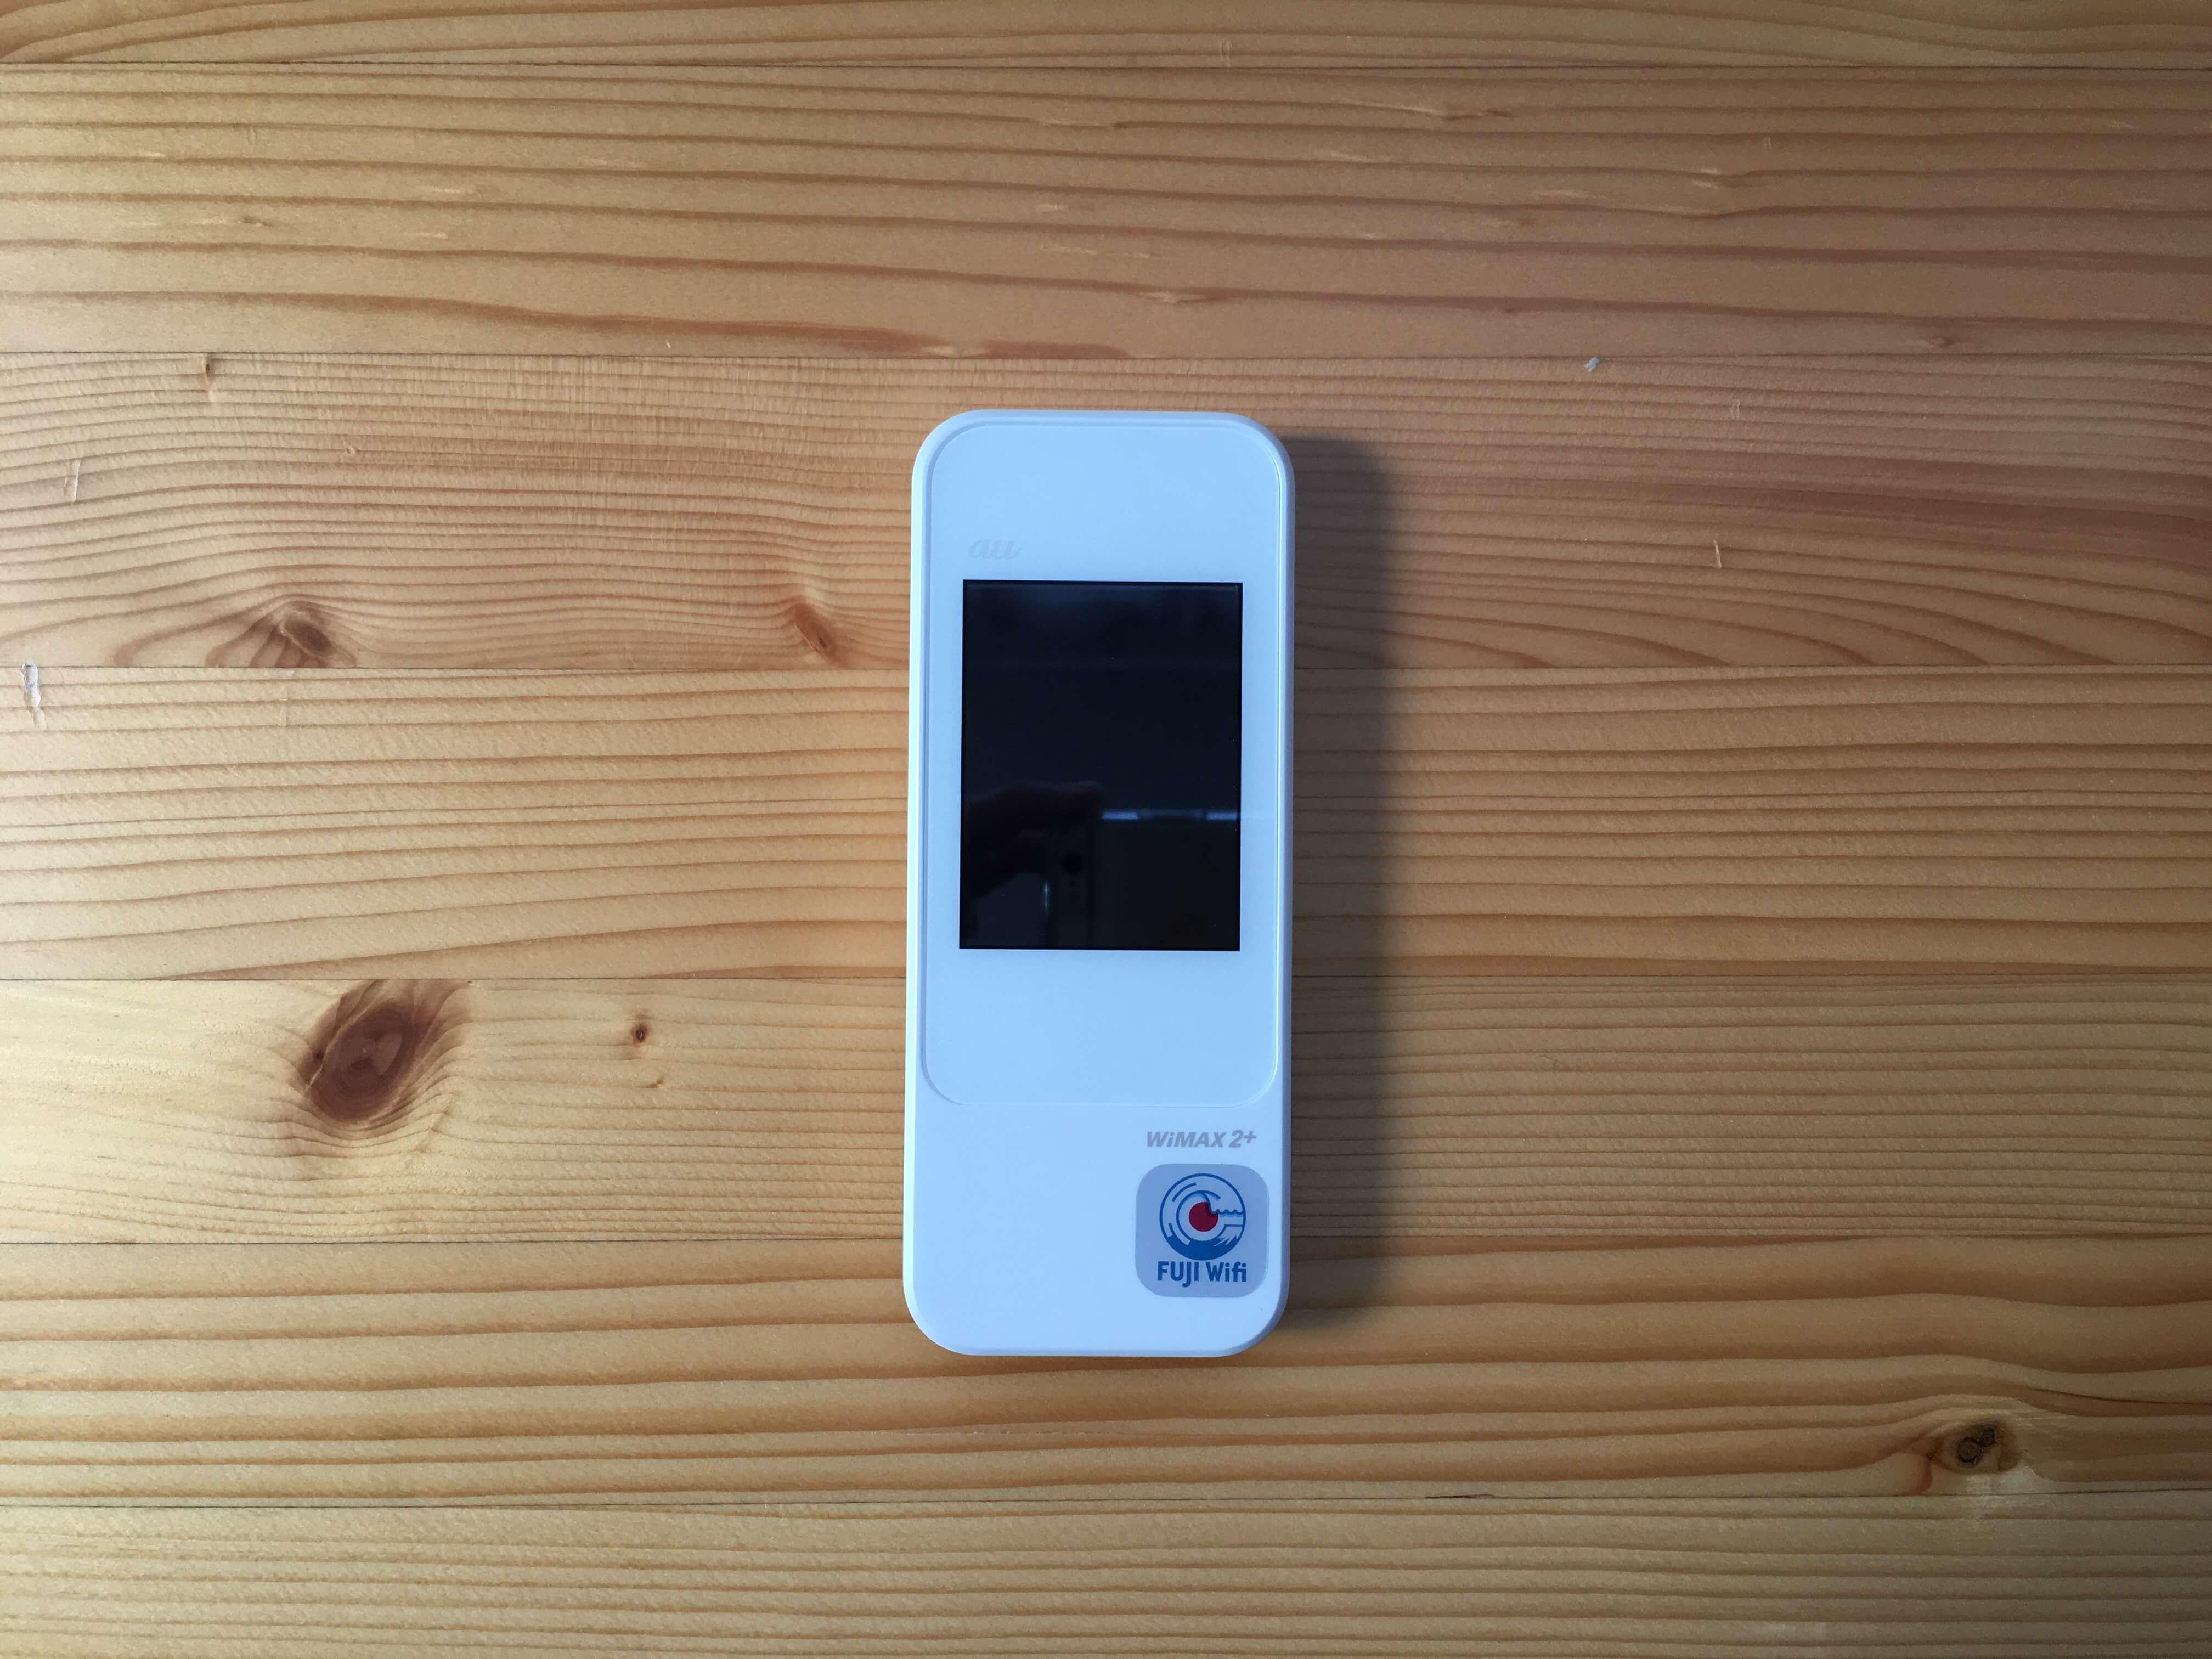 FUJI Wifi witu au4G/LTE④